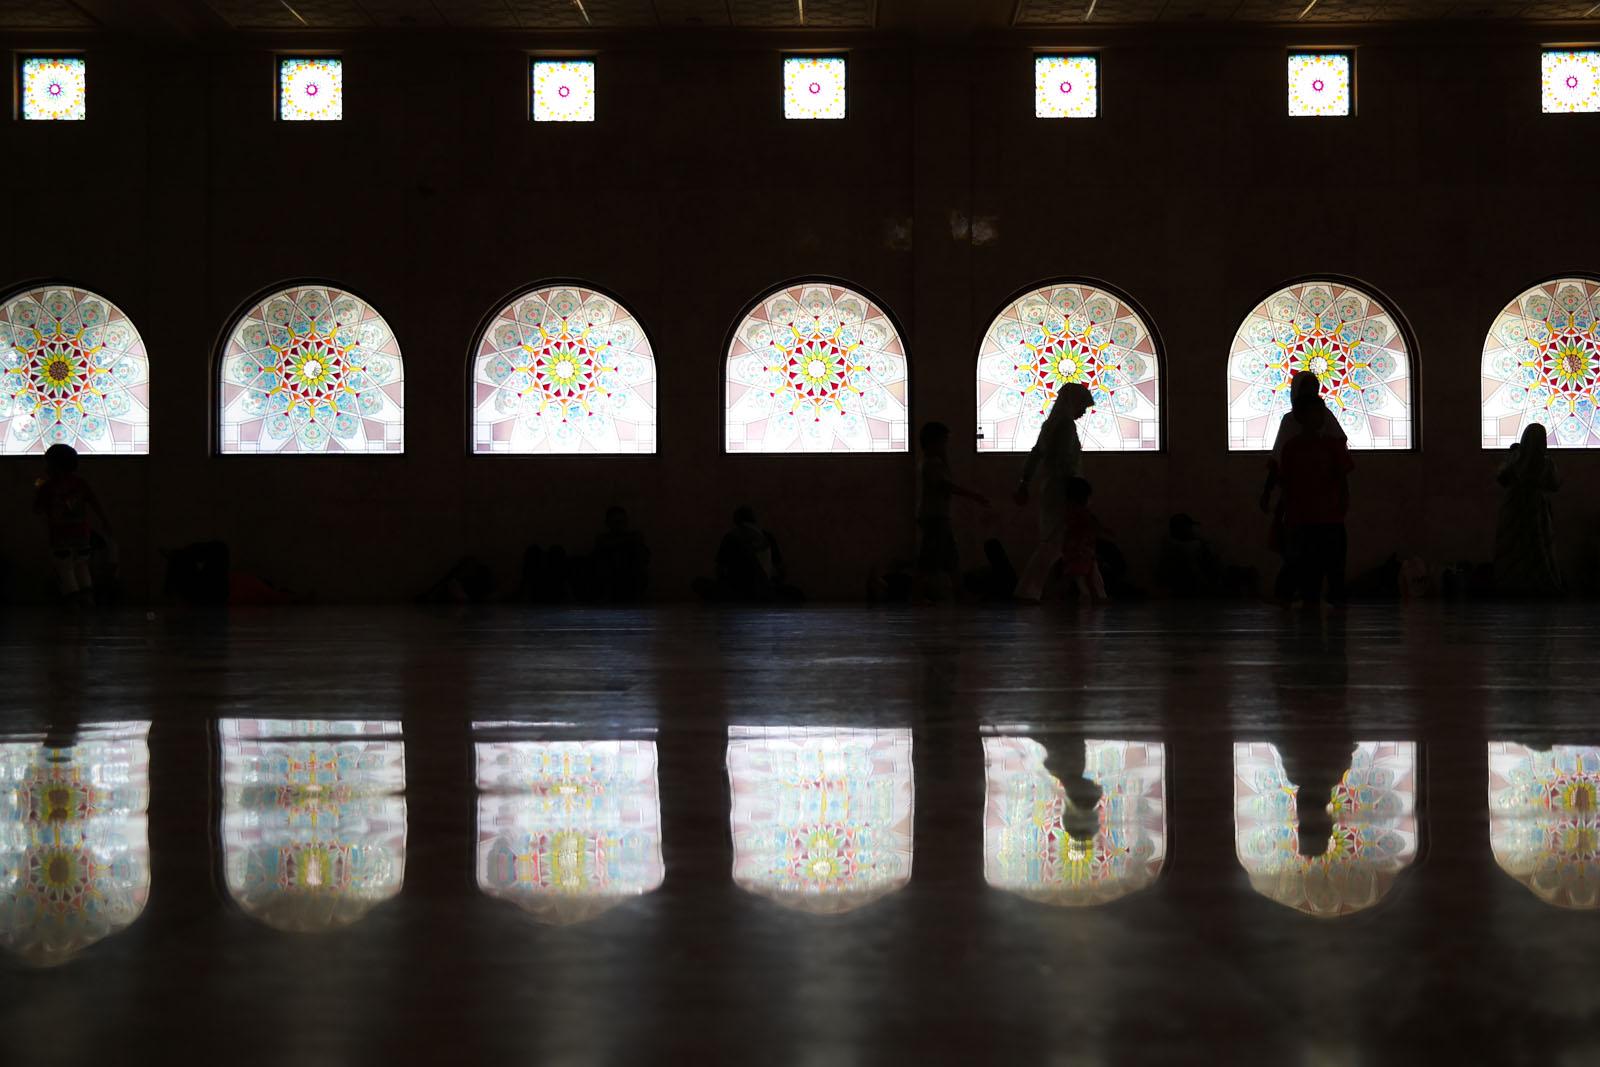 Masjid Raya Bandung | 29mm, 1/50, f/4.5, iso200